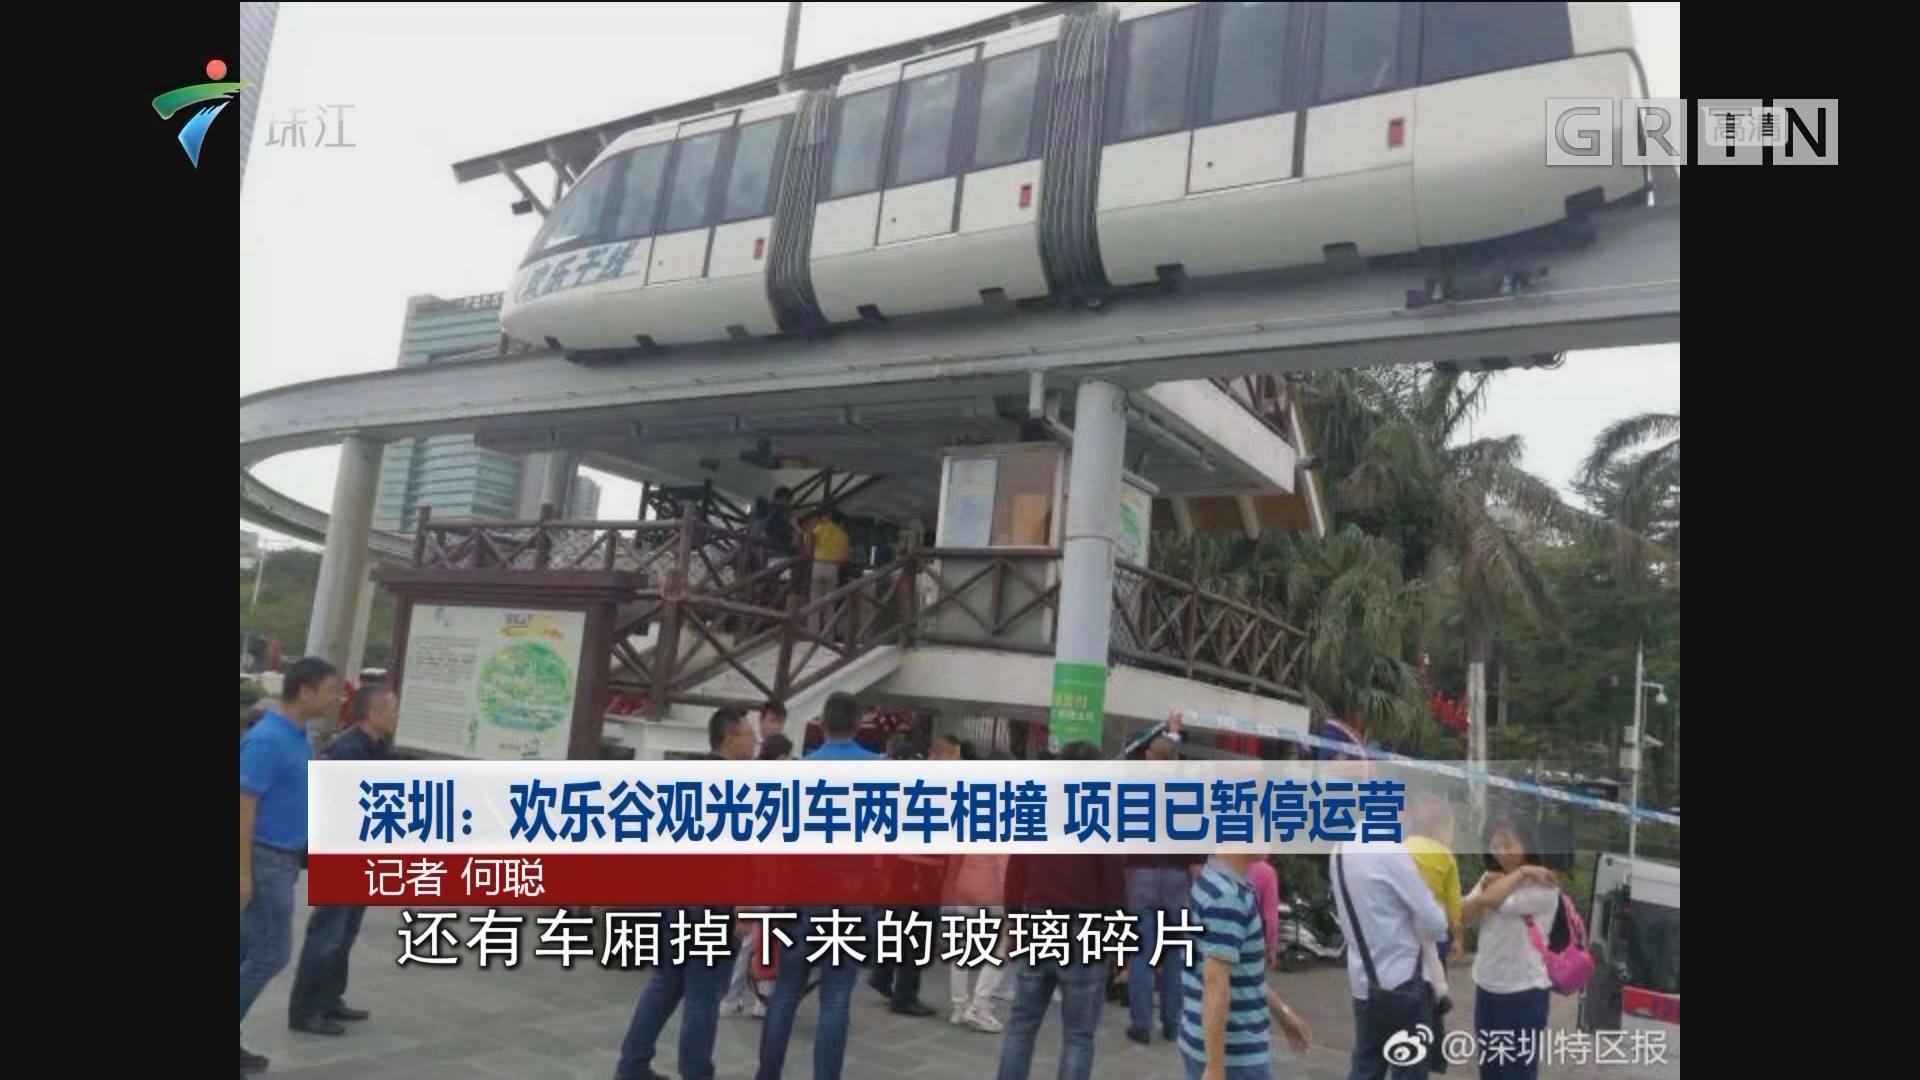 深圳:欢乐谷观光列车两车相撞 项目已暂停运营